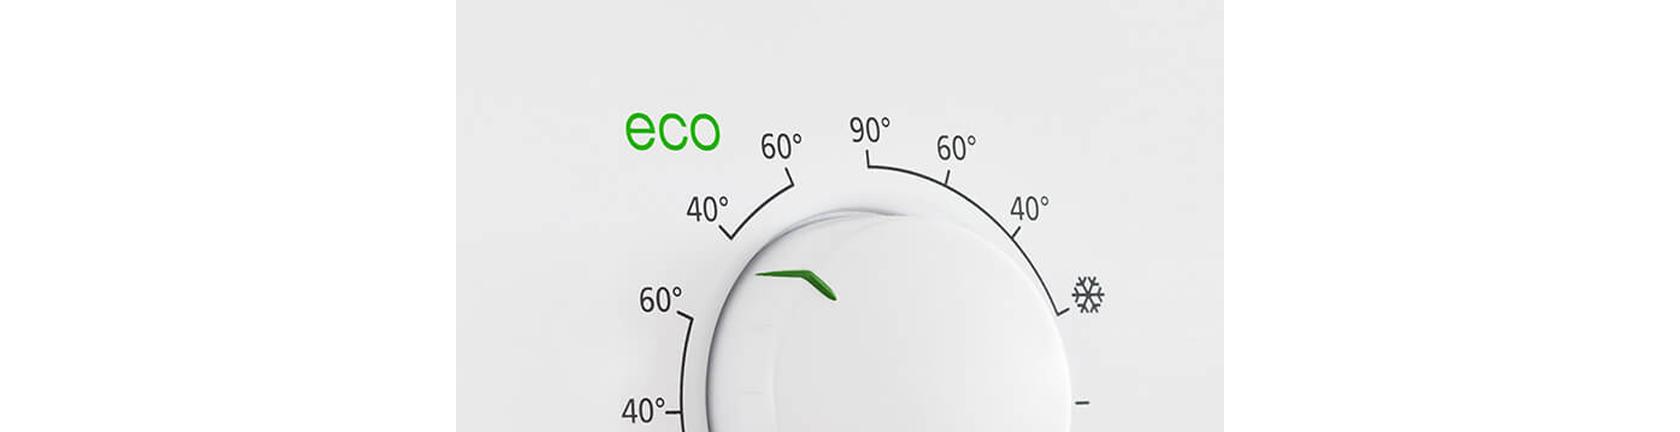 Detailansicht: Temperaturregler einer Waschmaschine mit Eco Funktion